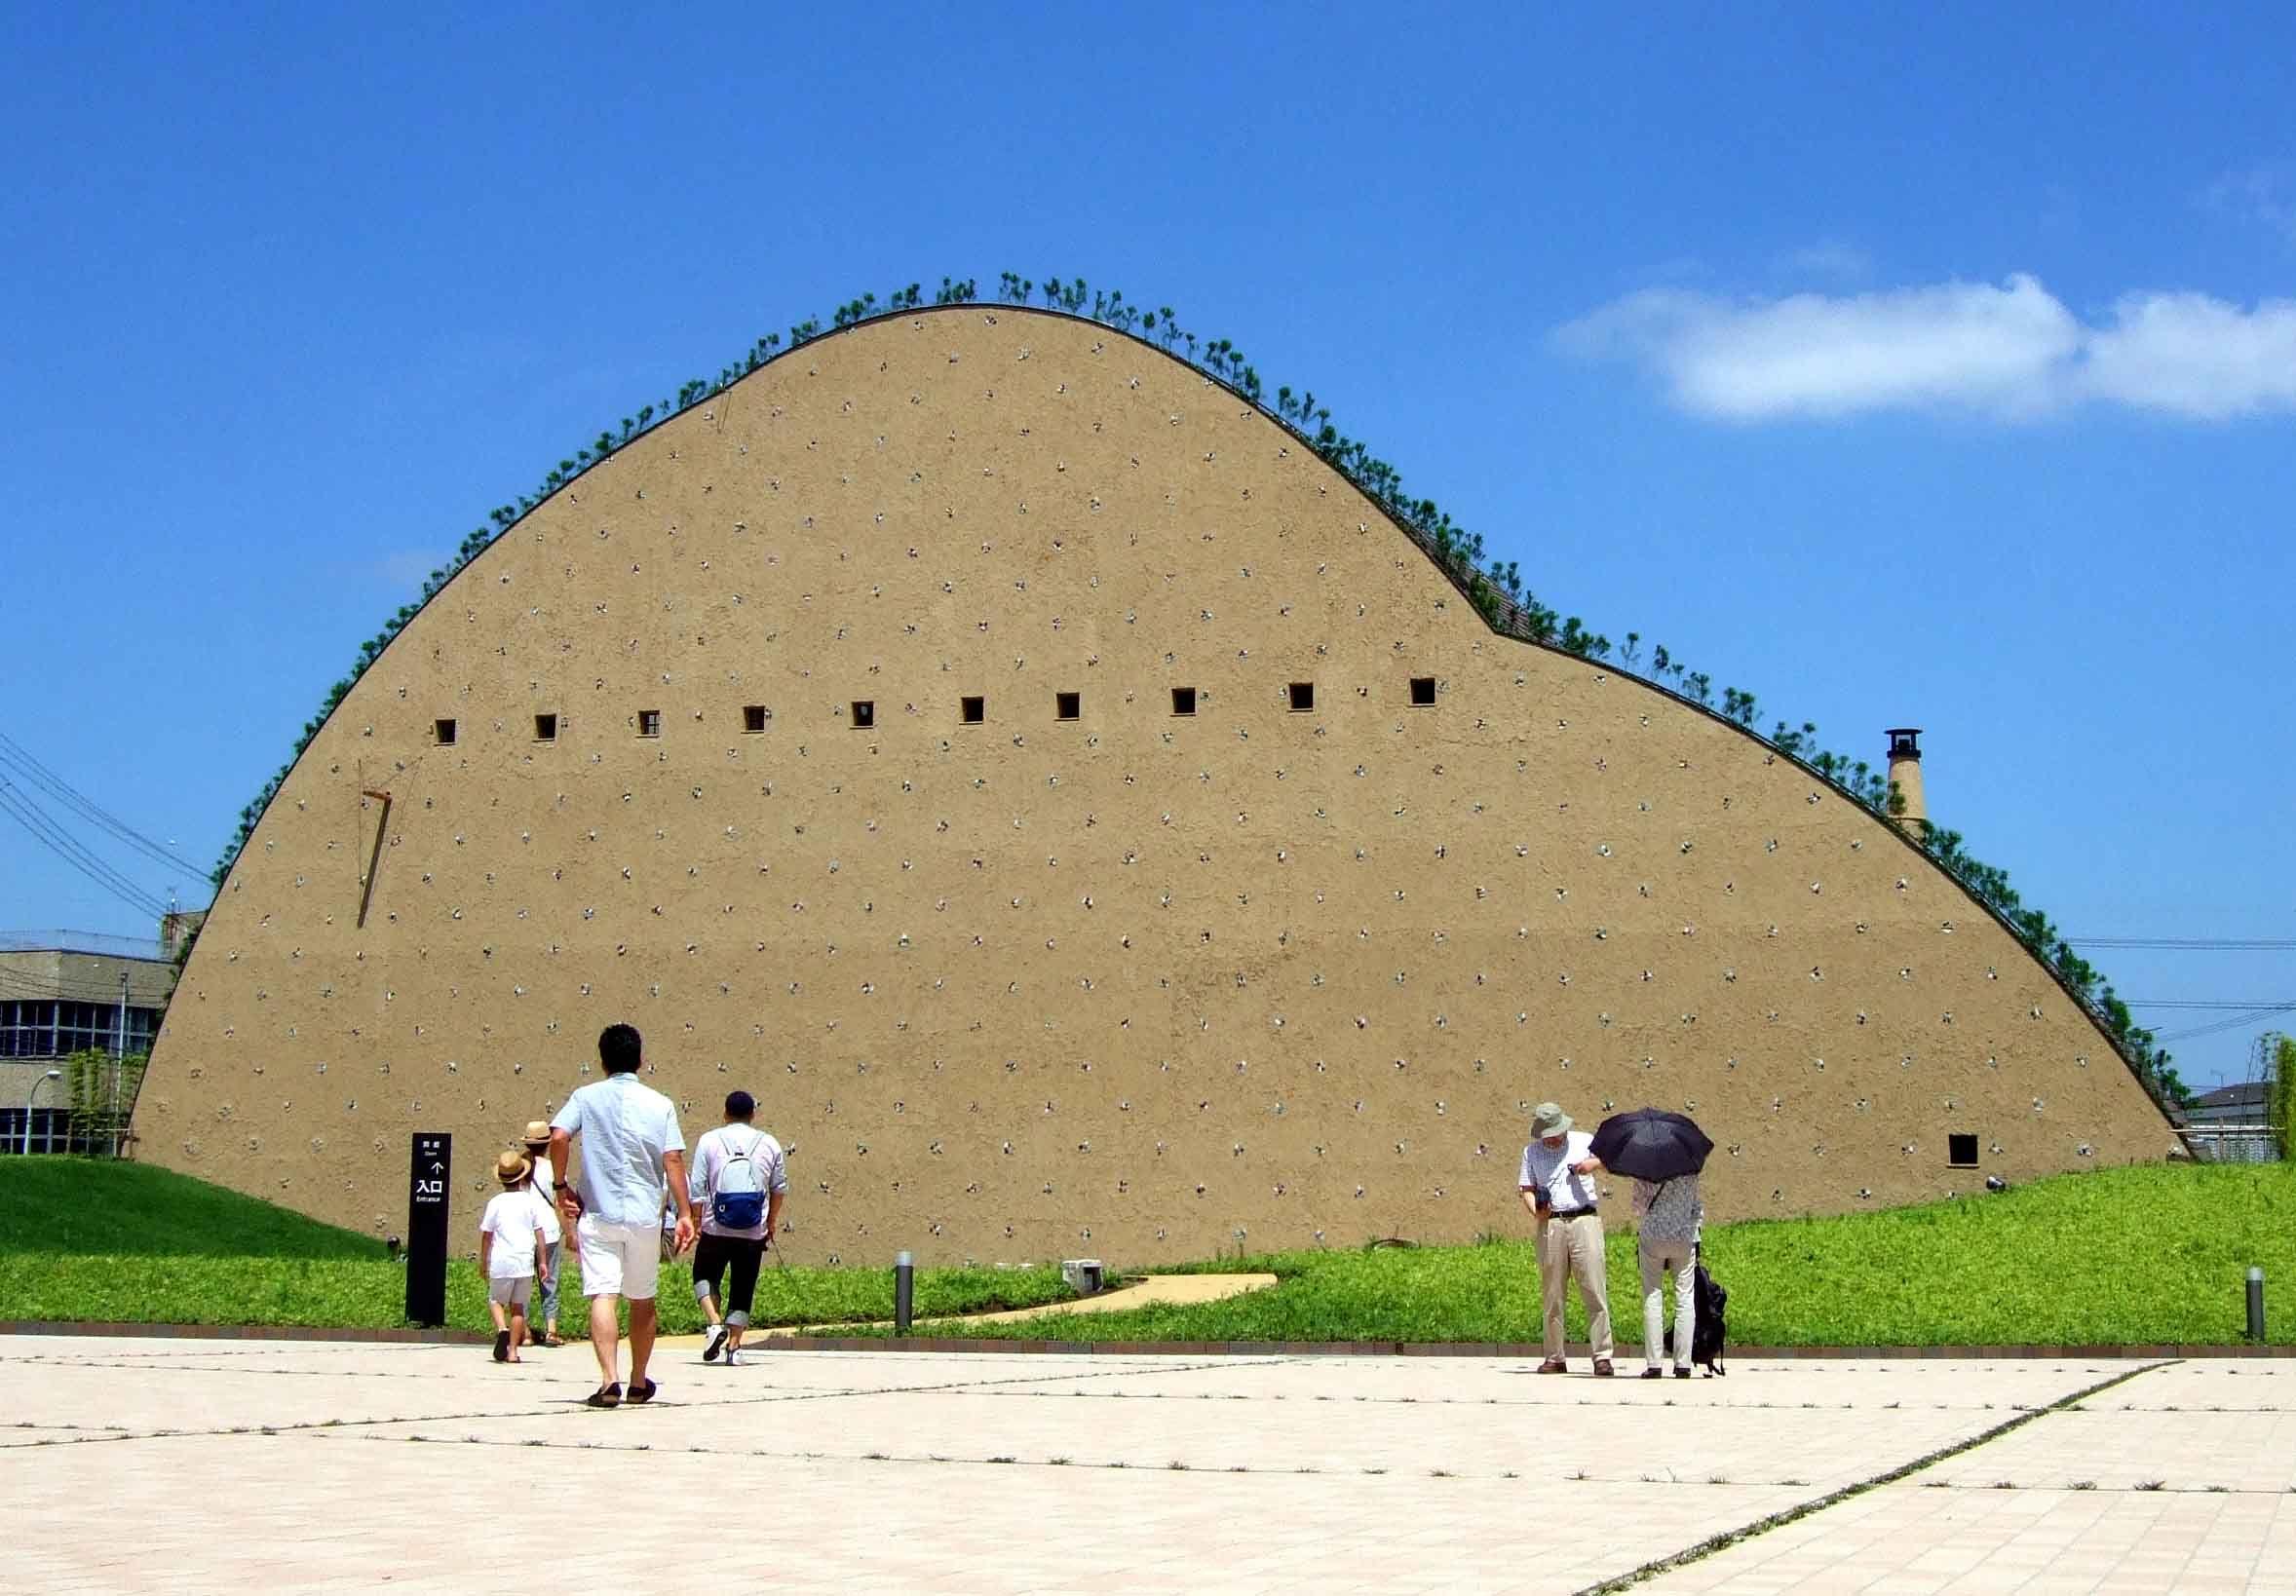 モザイクタイルミュージアム の1万点を超える収蔵品と貼り子体験 ミュージアム